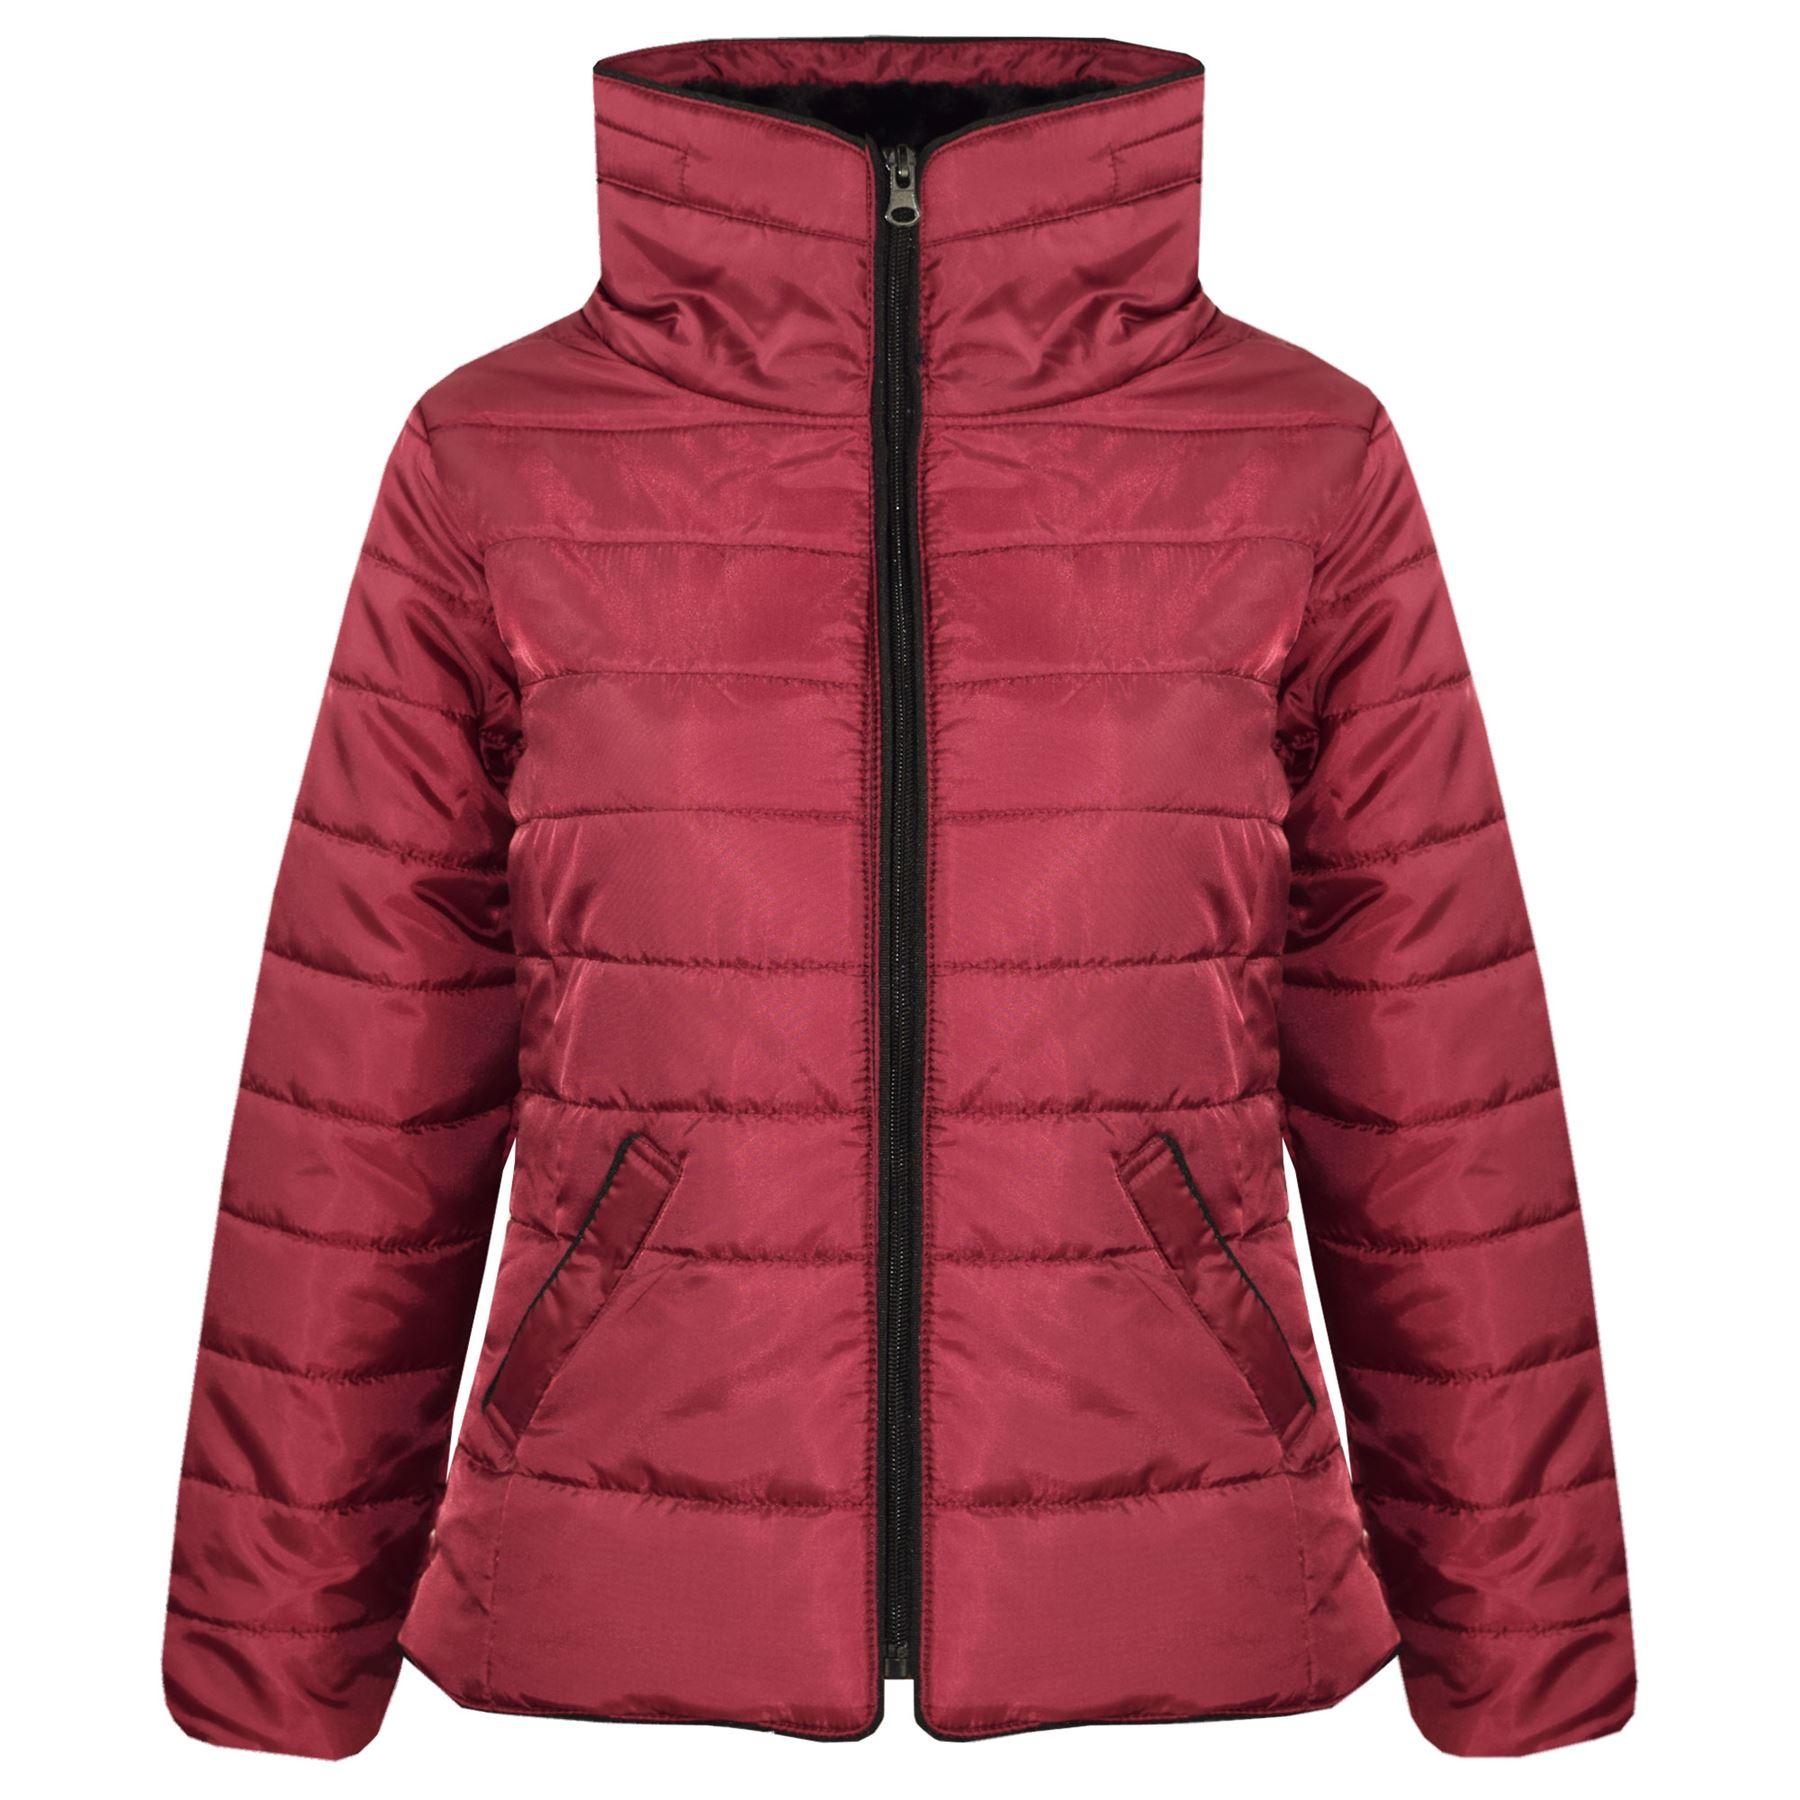 meilleur service f06c9 63744 Détails sur veste fille enfants vin Doudoune Bulle col en fausse fourrure  chaude Manteau